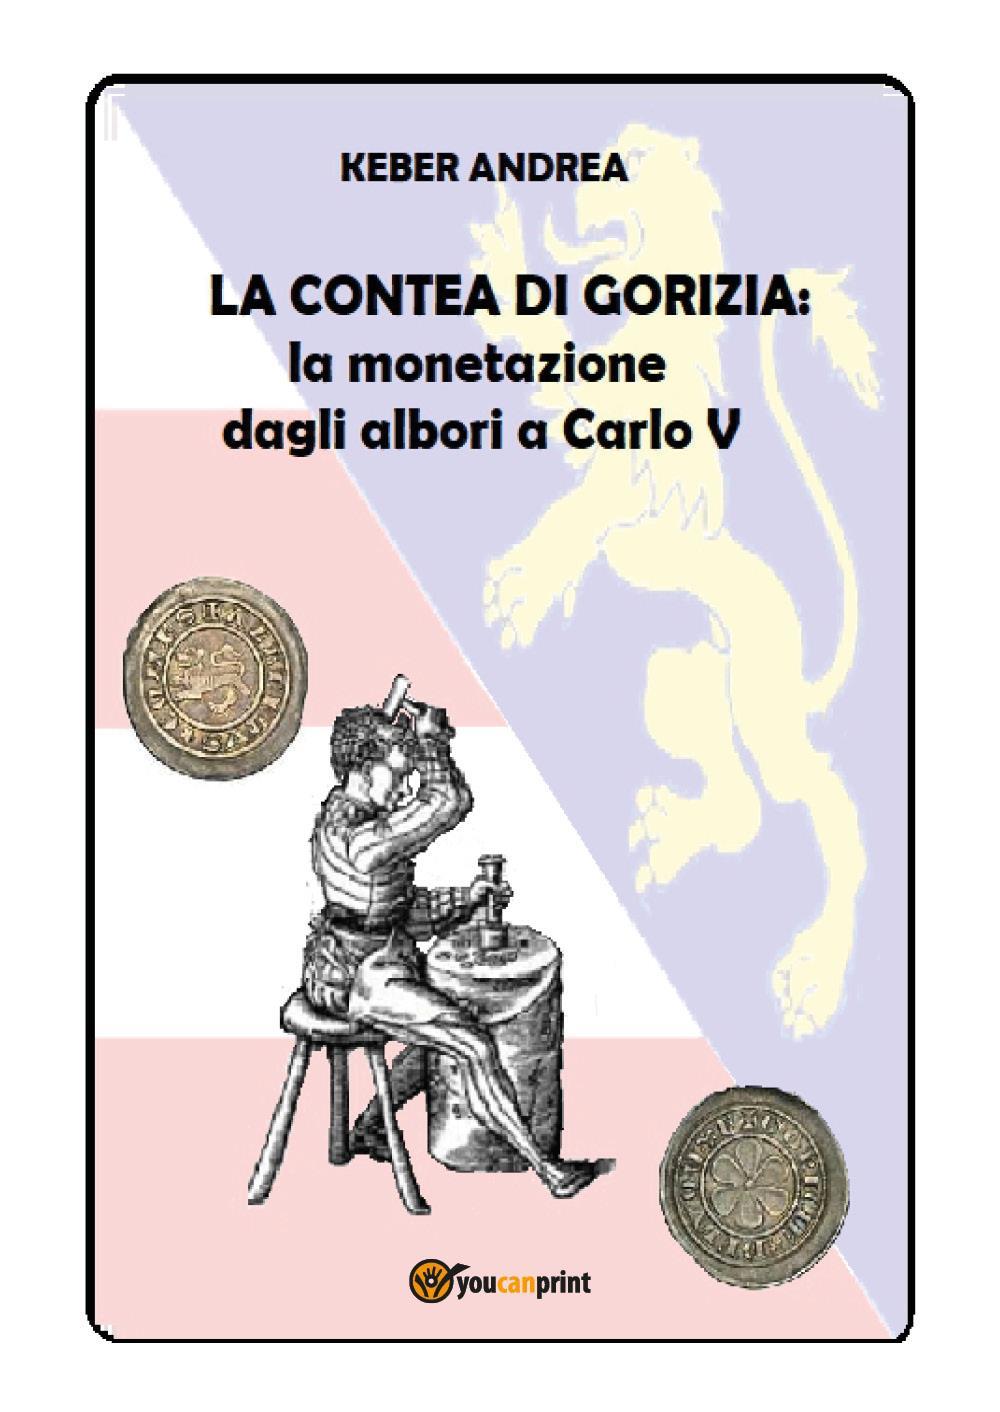 La Contea di Gorizia. La monetazione dagli albori a Carlo V